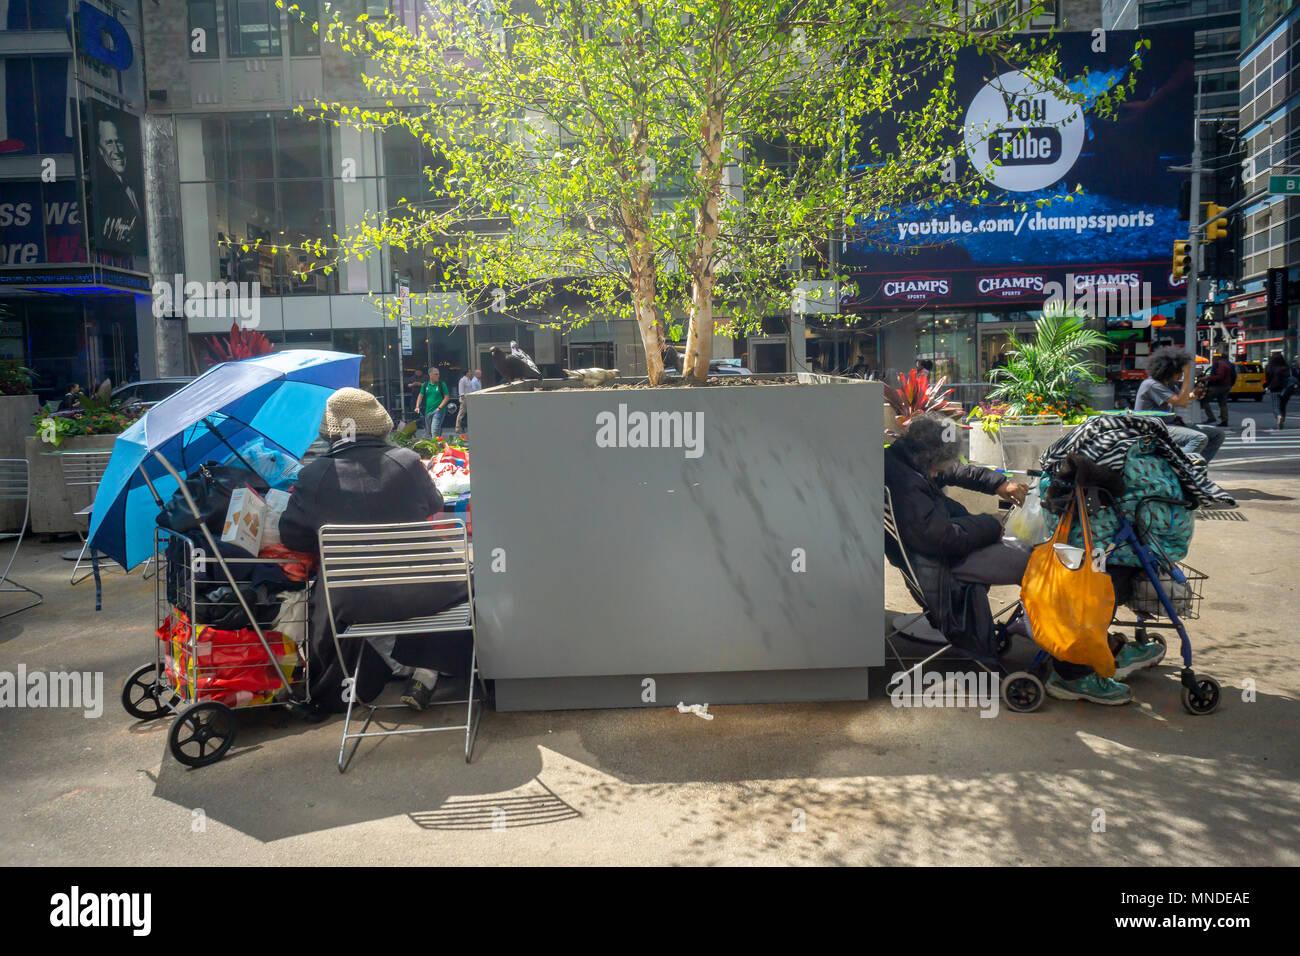 Obdachlose Personen einen Fußgänger Plaza im Garment District in Midtown Manhattan in New York am Montag, den 14. Mai 2018 Laden. (© Richard B. Levine) Stockbild